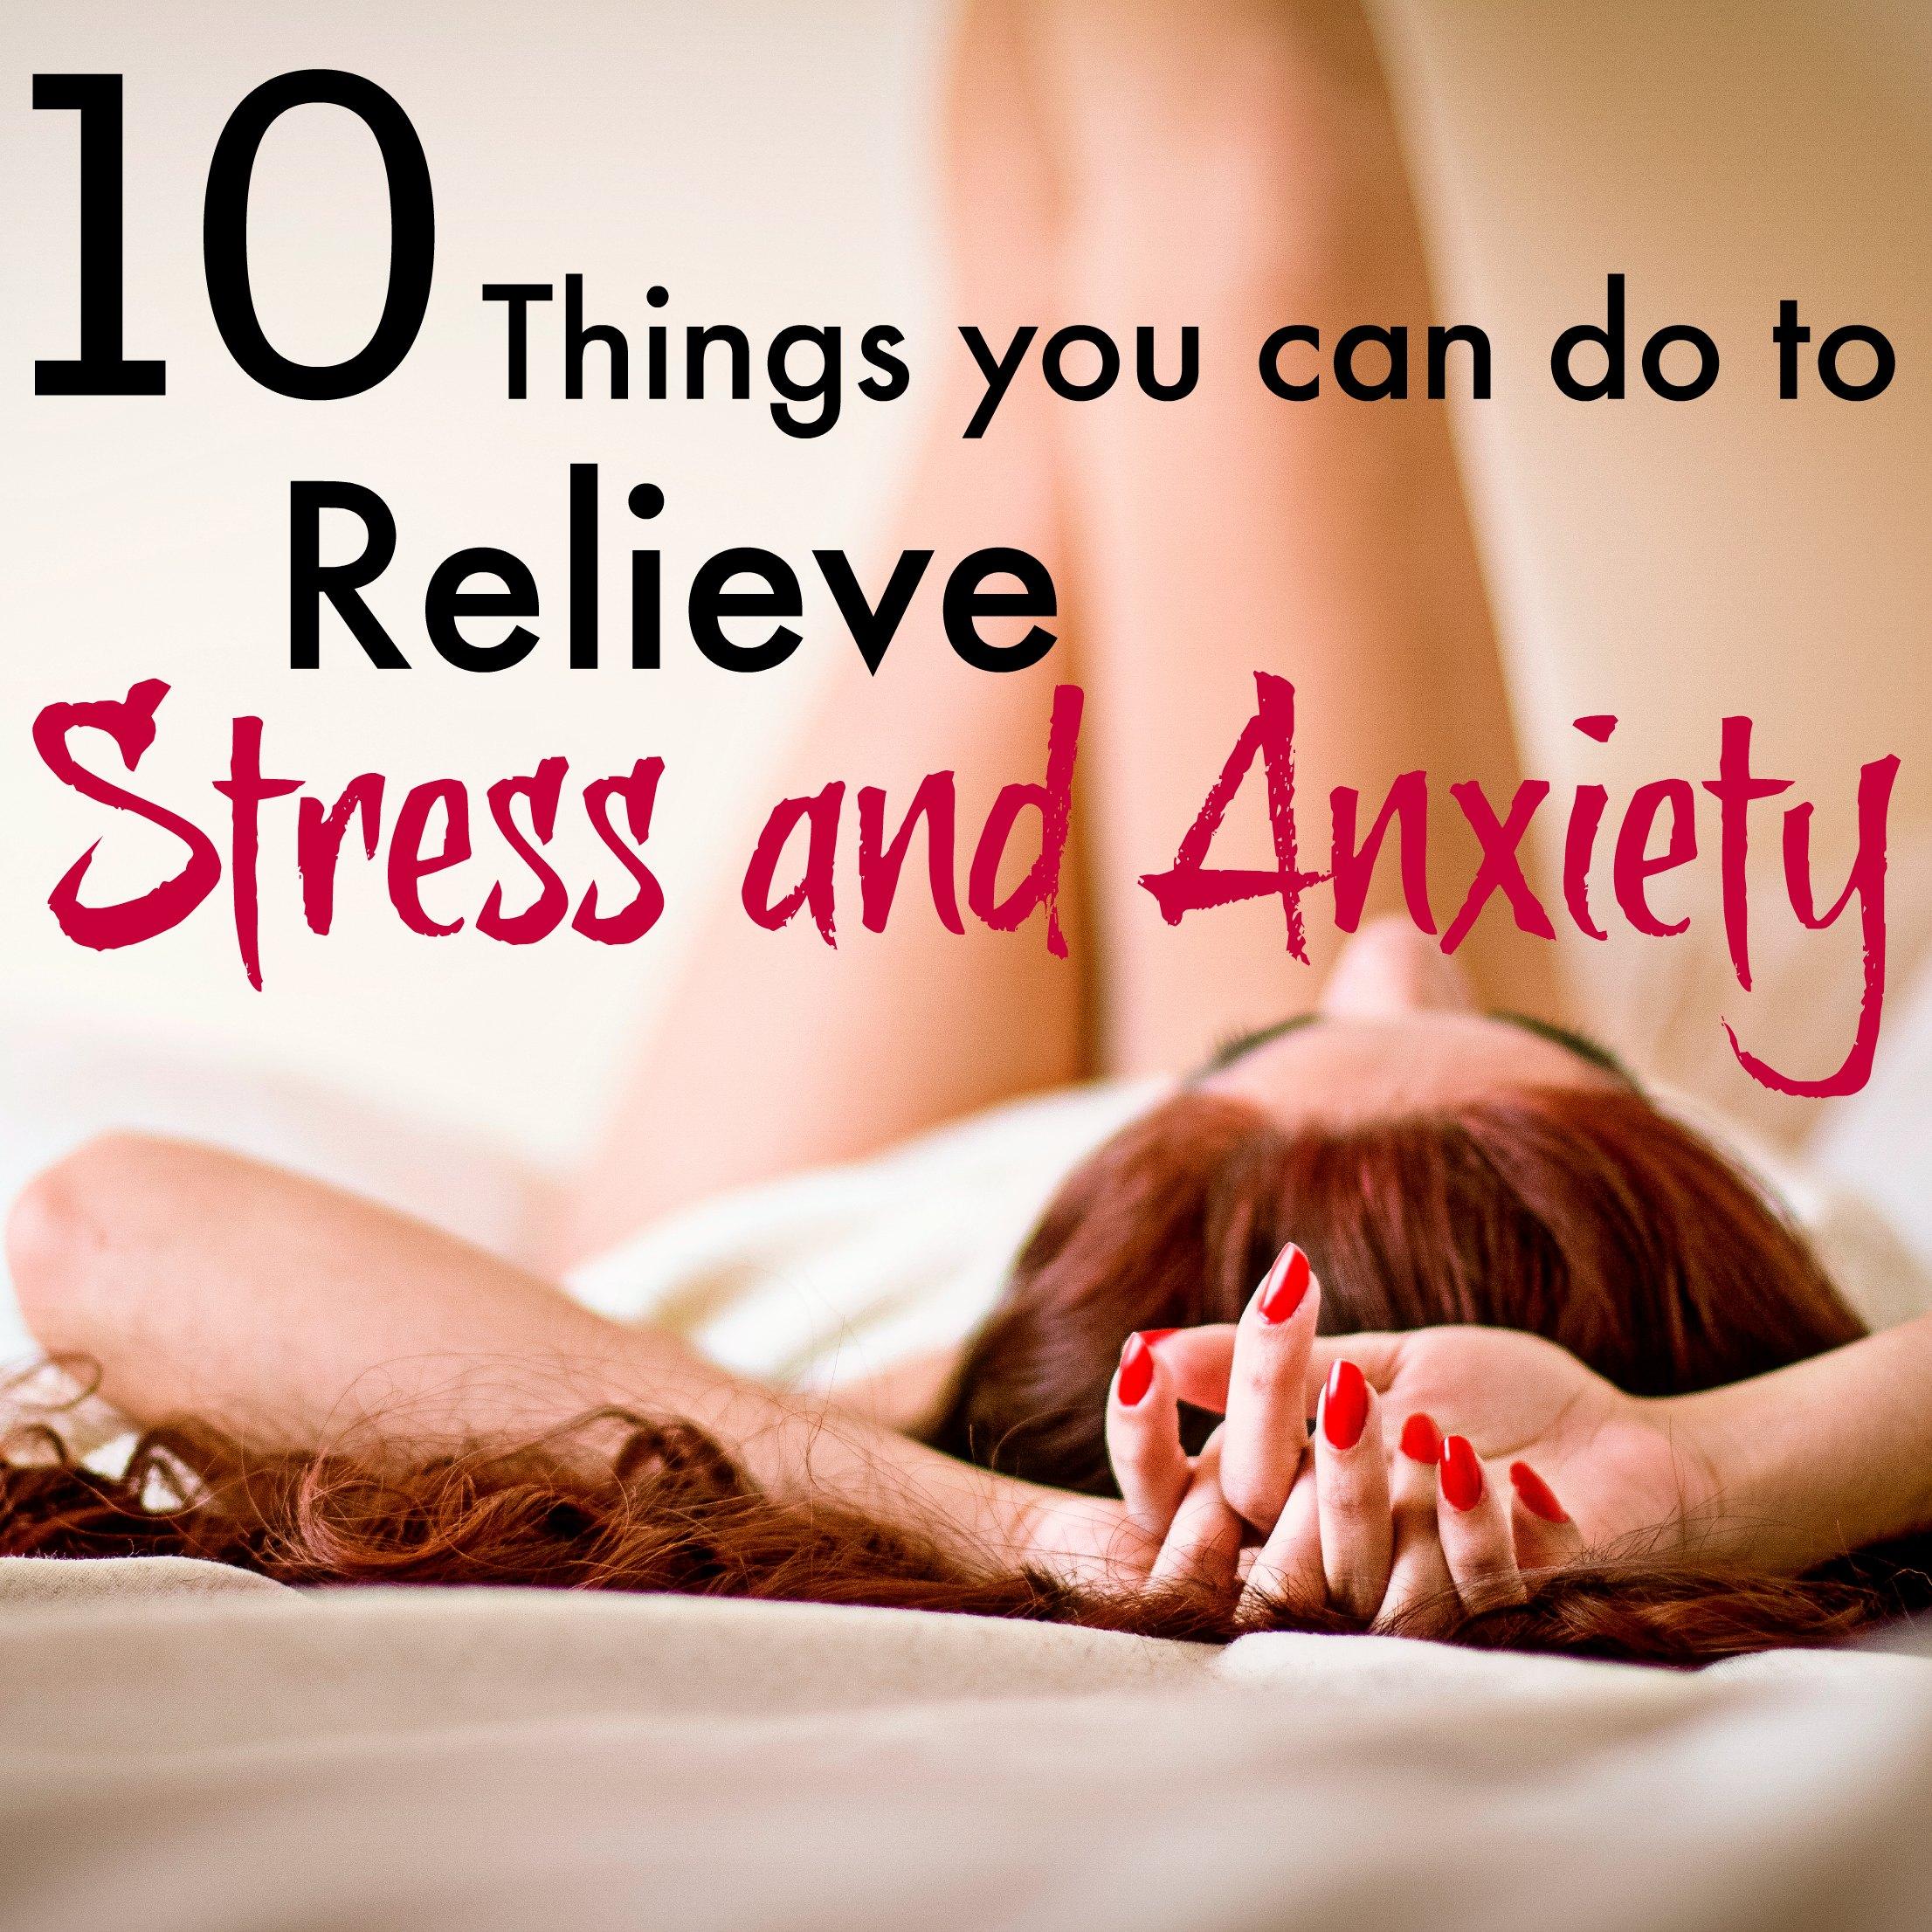 10 ways to relieve stress & anxiety